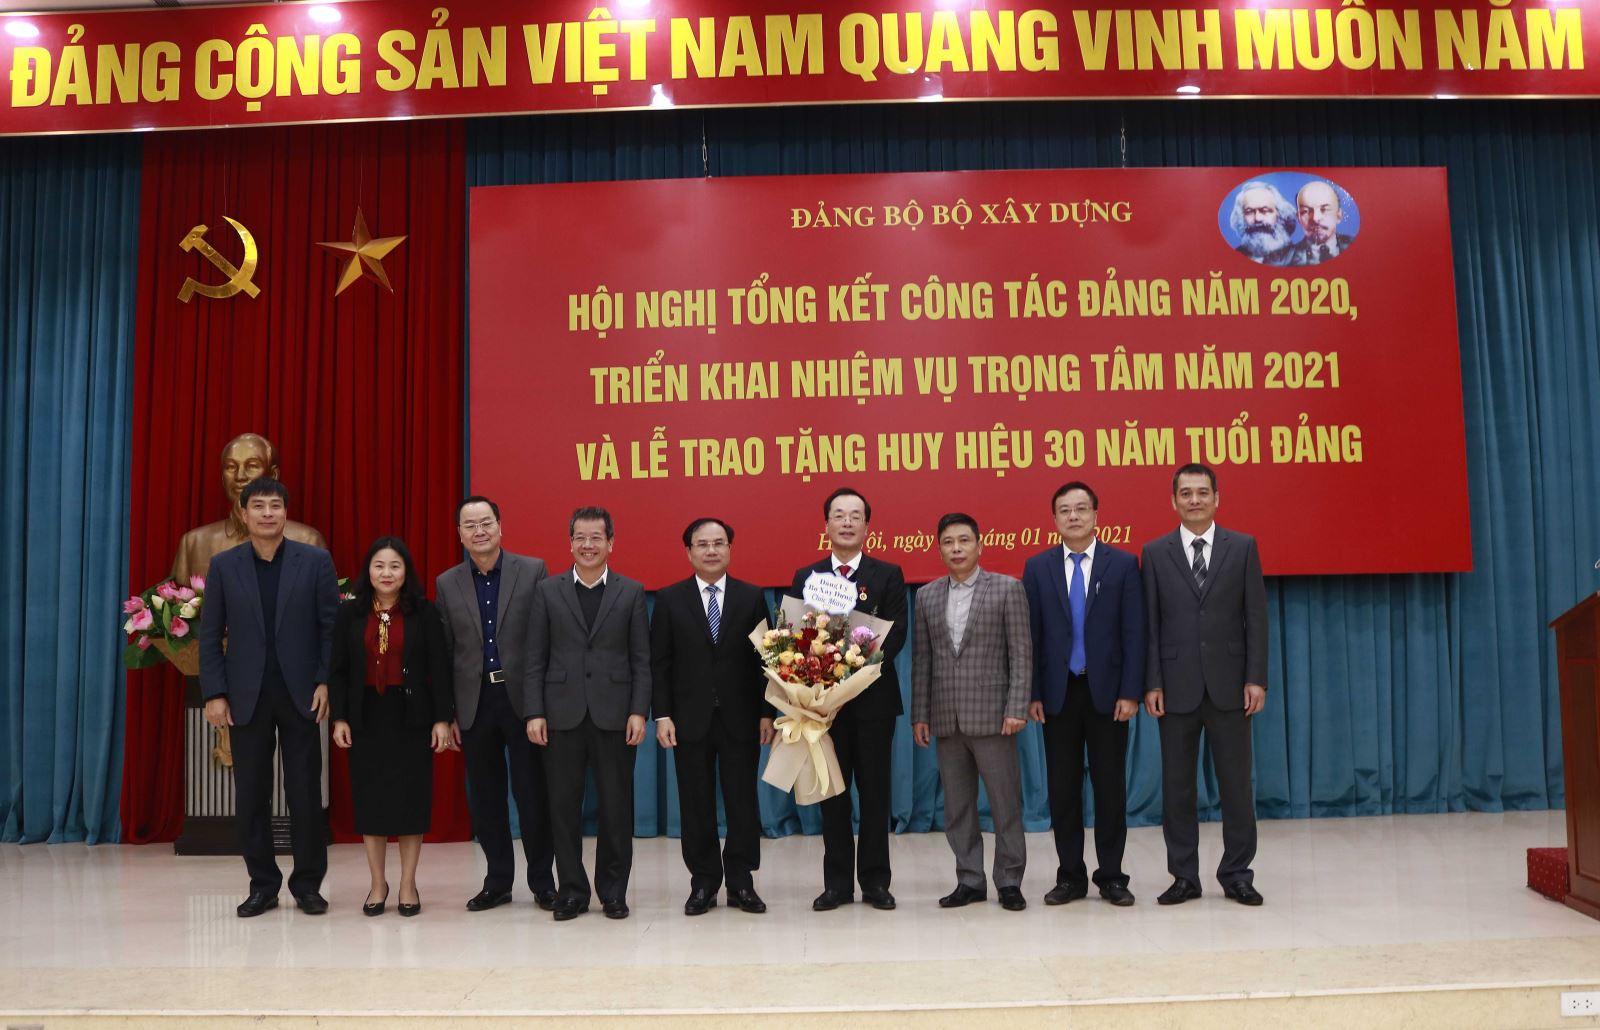 Các đồng chí trong Ban Thường vụ Đảng ủy Bộ Xây dựng chúc mừng Bộ trưởng, đảng viên Phạm Hồng Hà